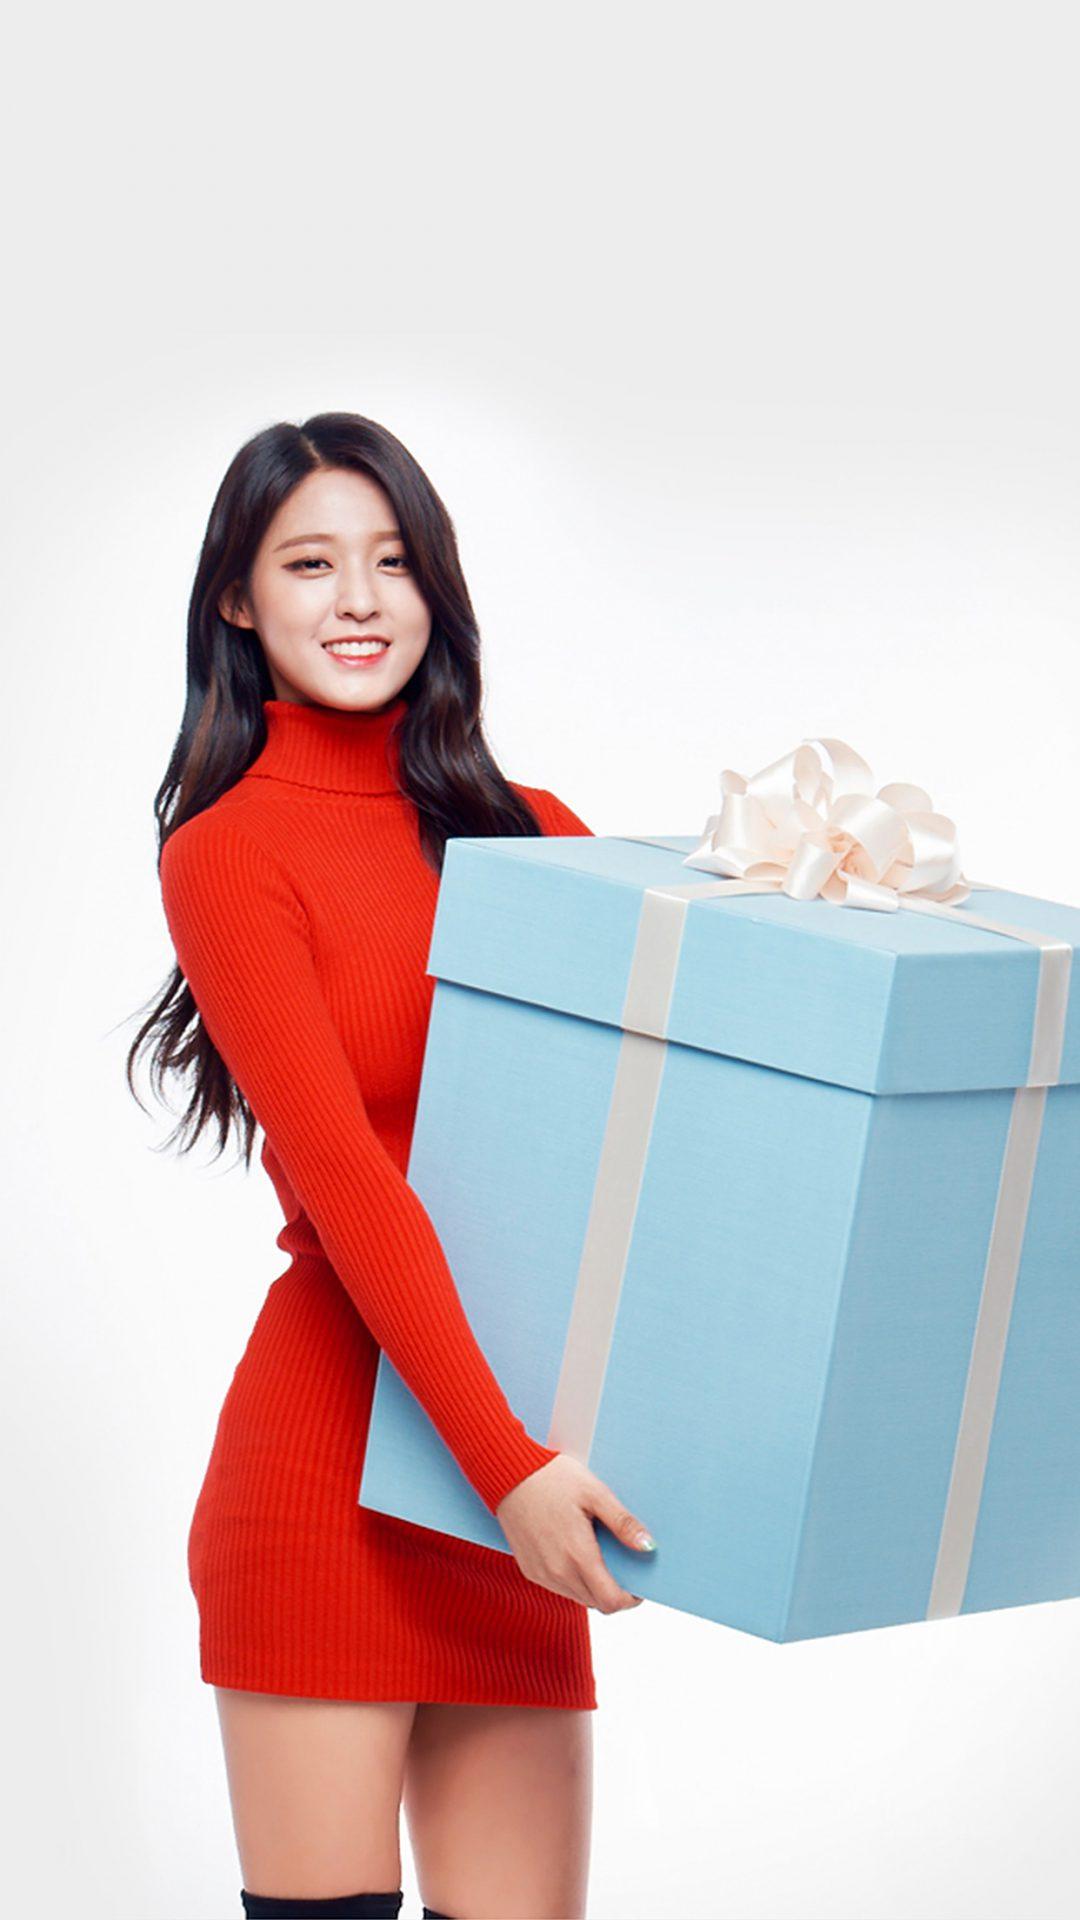 Aoa Seolhyun Cute Chirstmas Girl Kpop